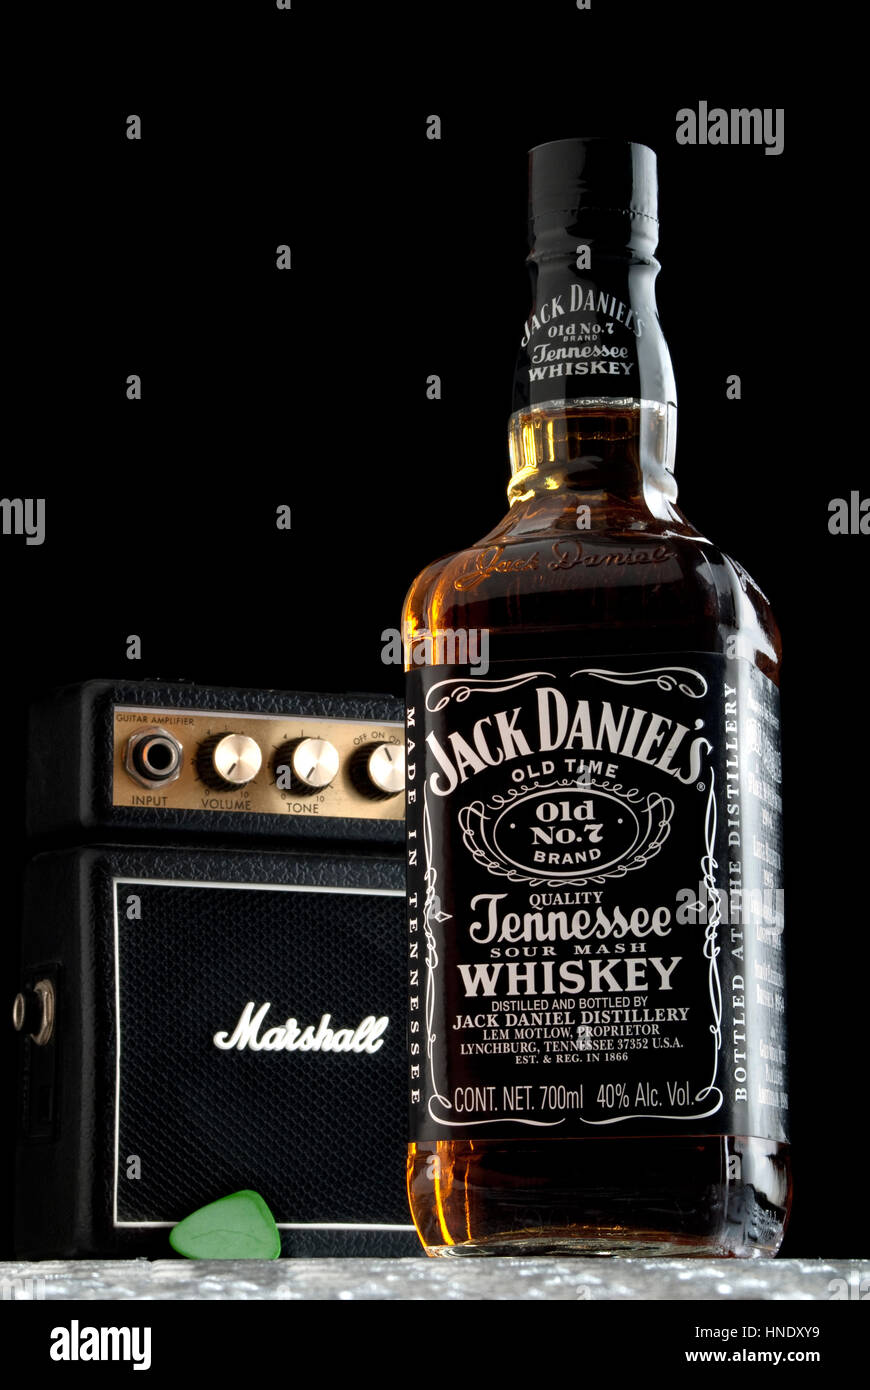 jack daniels bottle stock photos jack daniels bottle stock images alamy. Black Bedroom Furniture Sets. Home Design Ideas